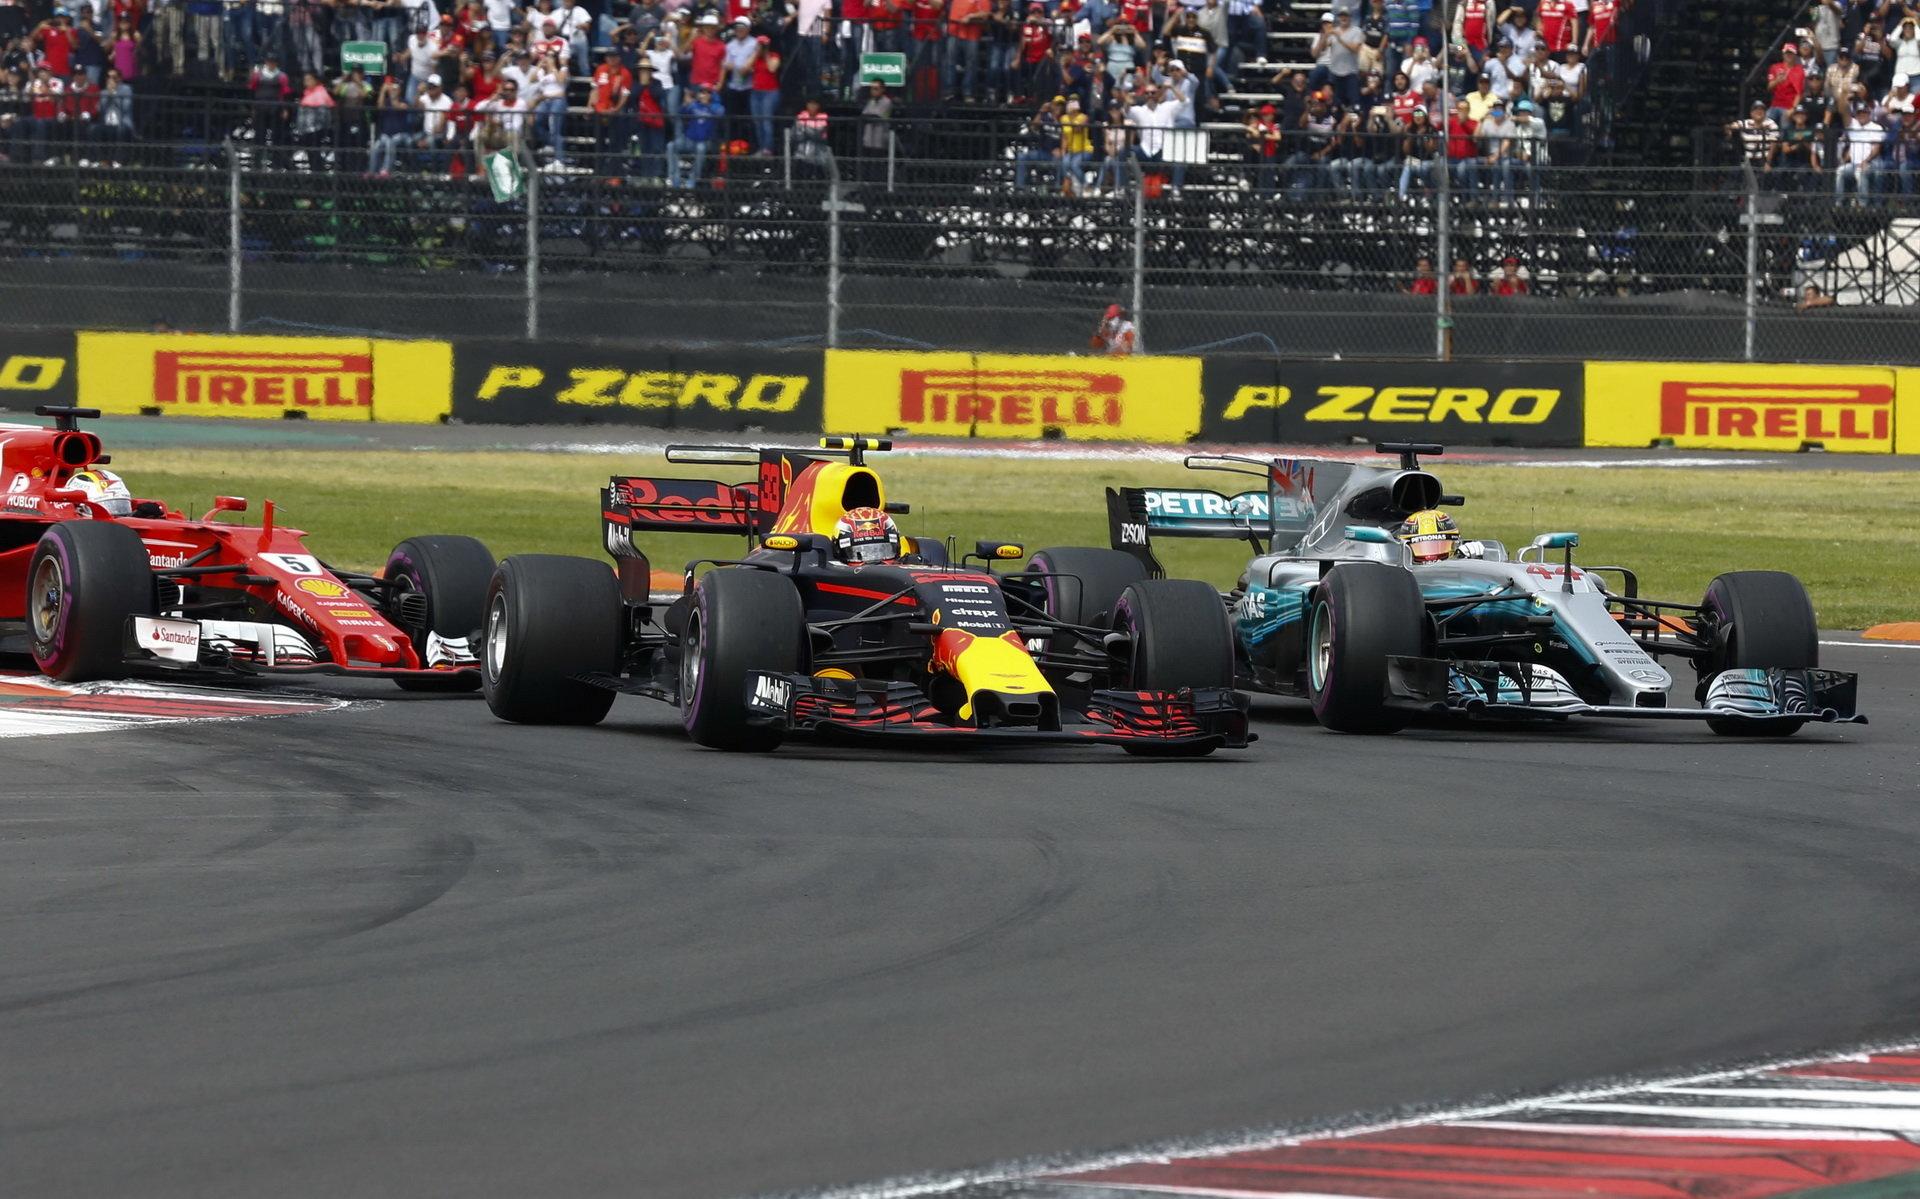 Ferrari a Mercedes hrozí odchodem z F1, Red Bull tak činil nedávno